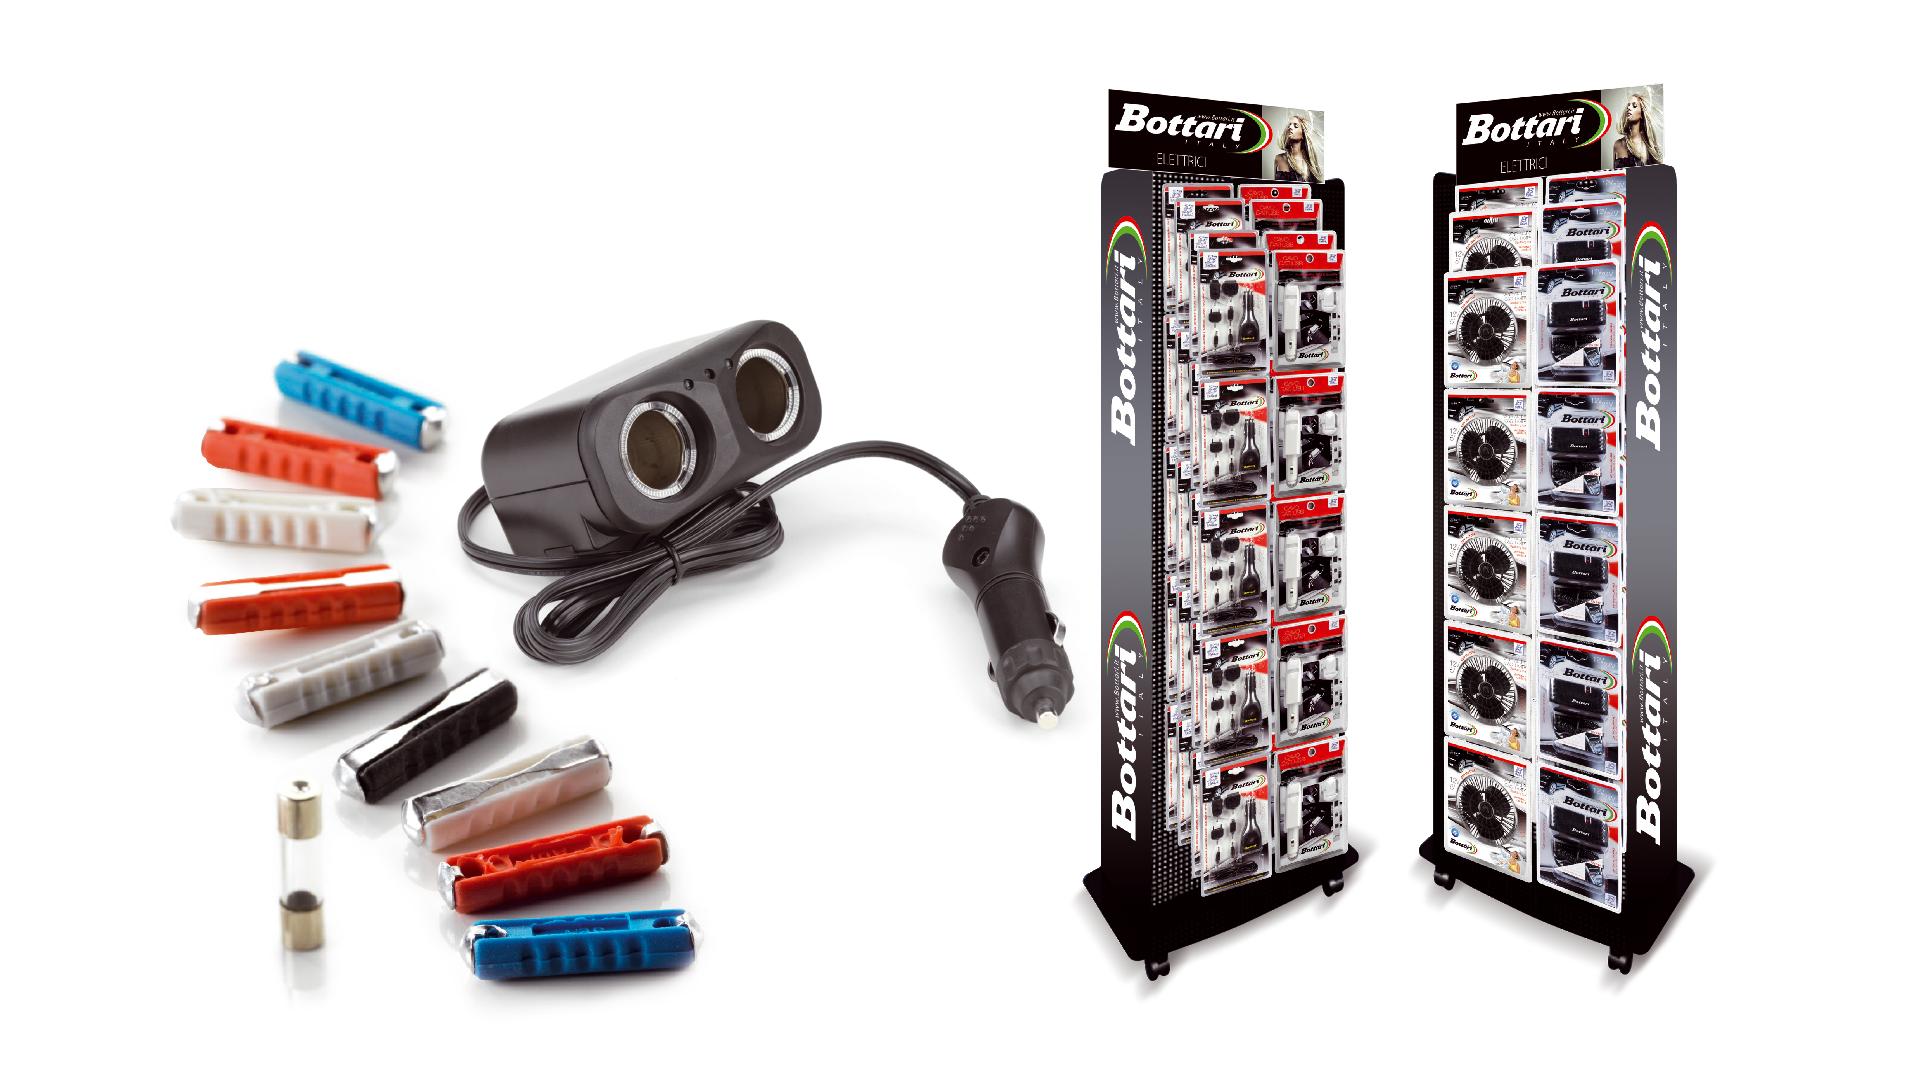 Accessori elettrici electrical accessories